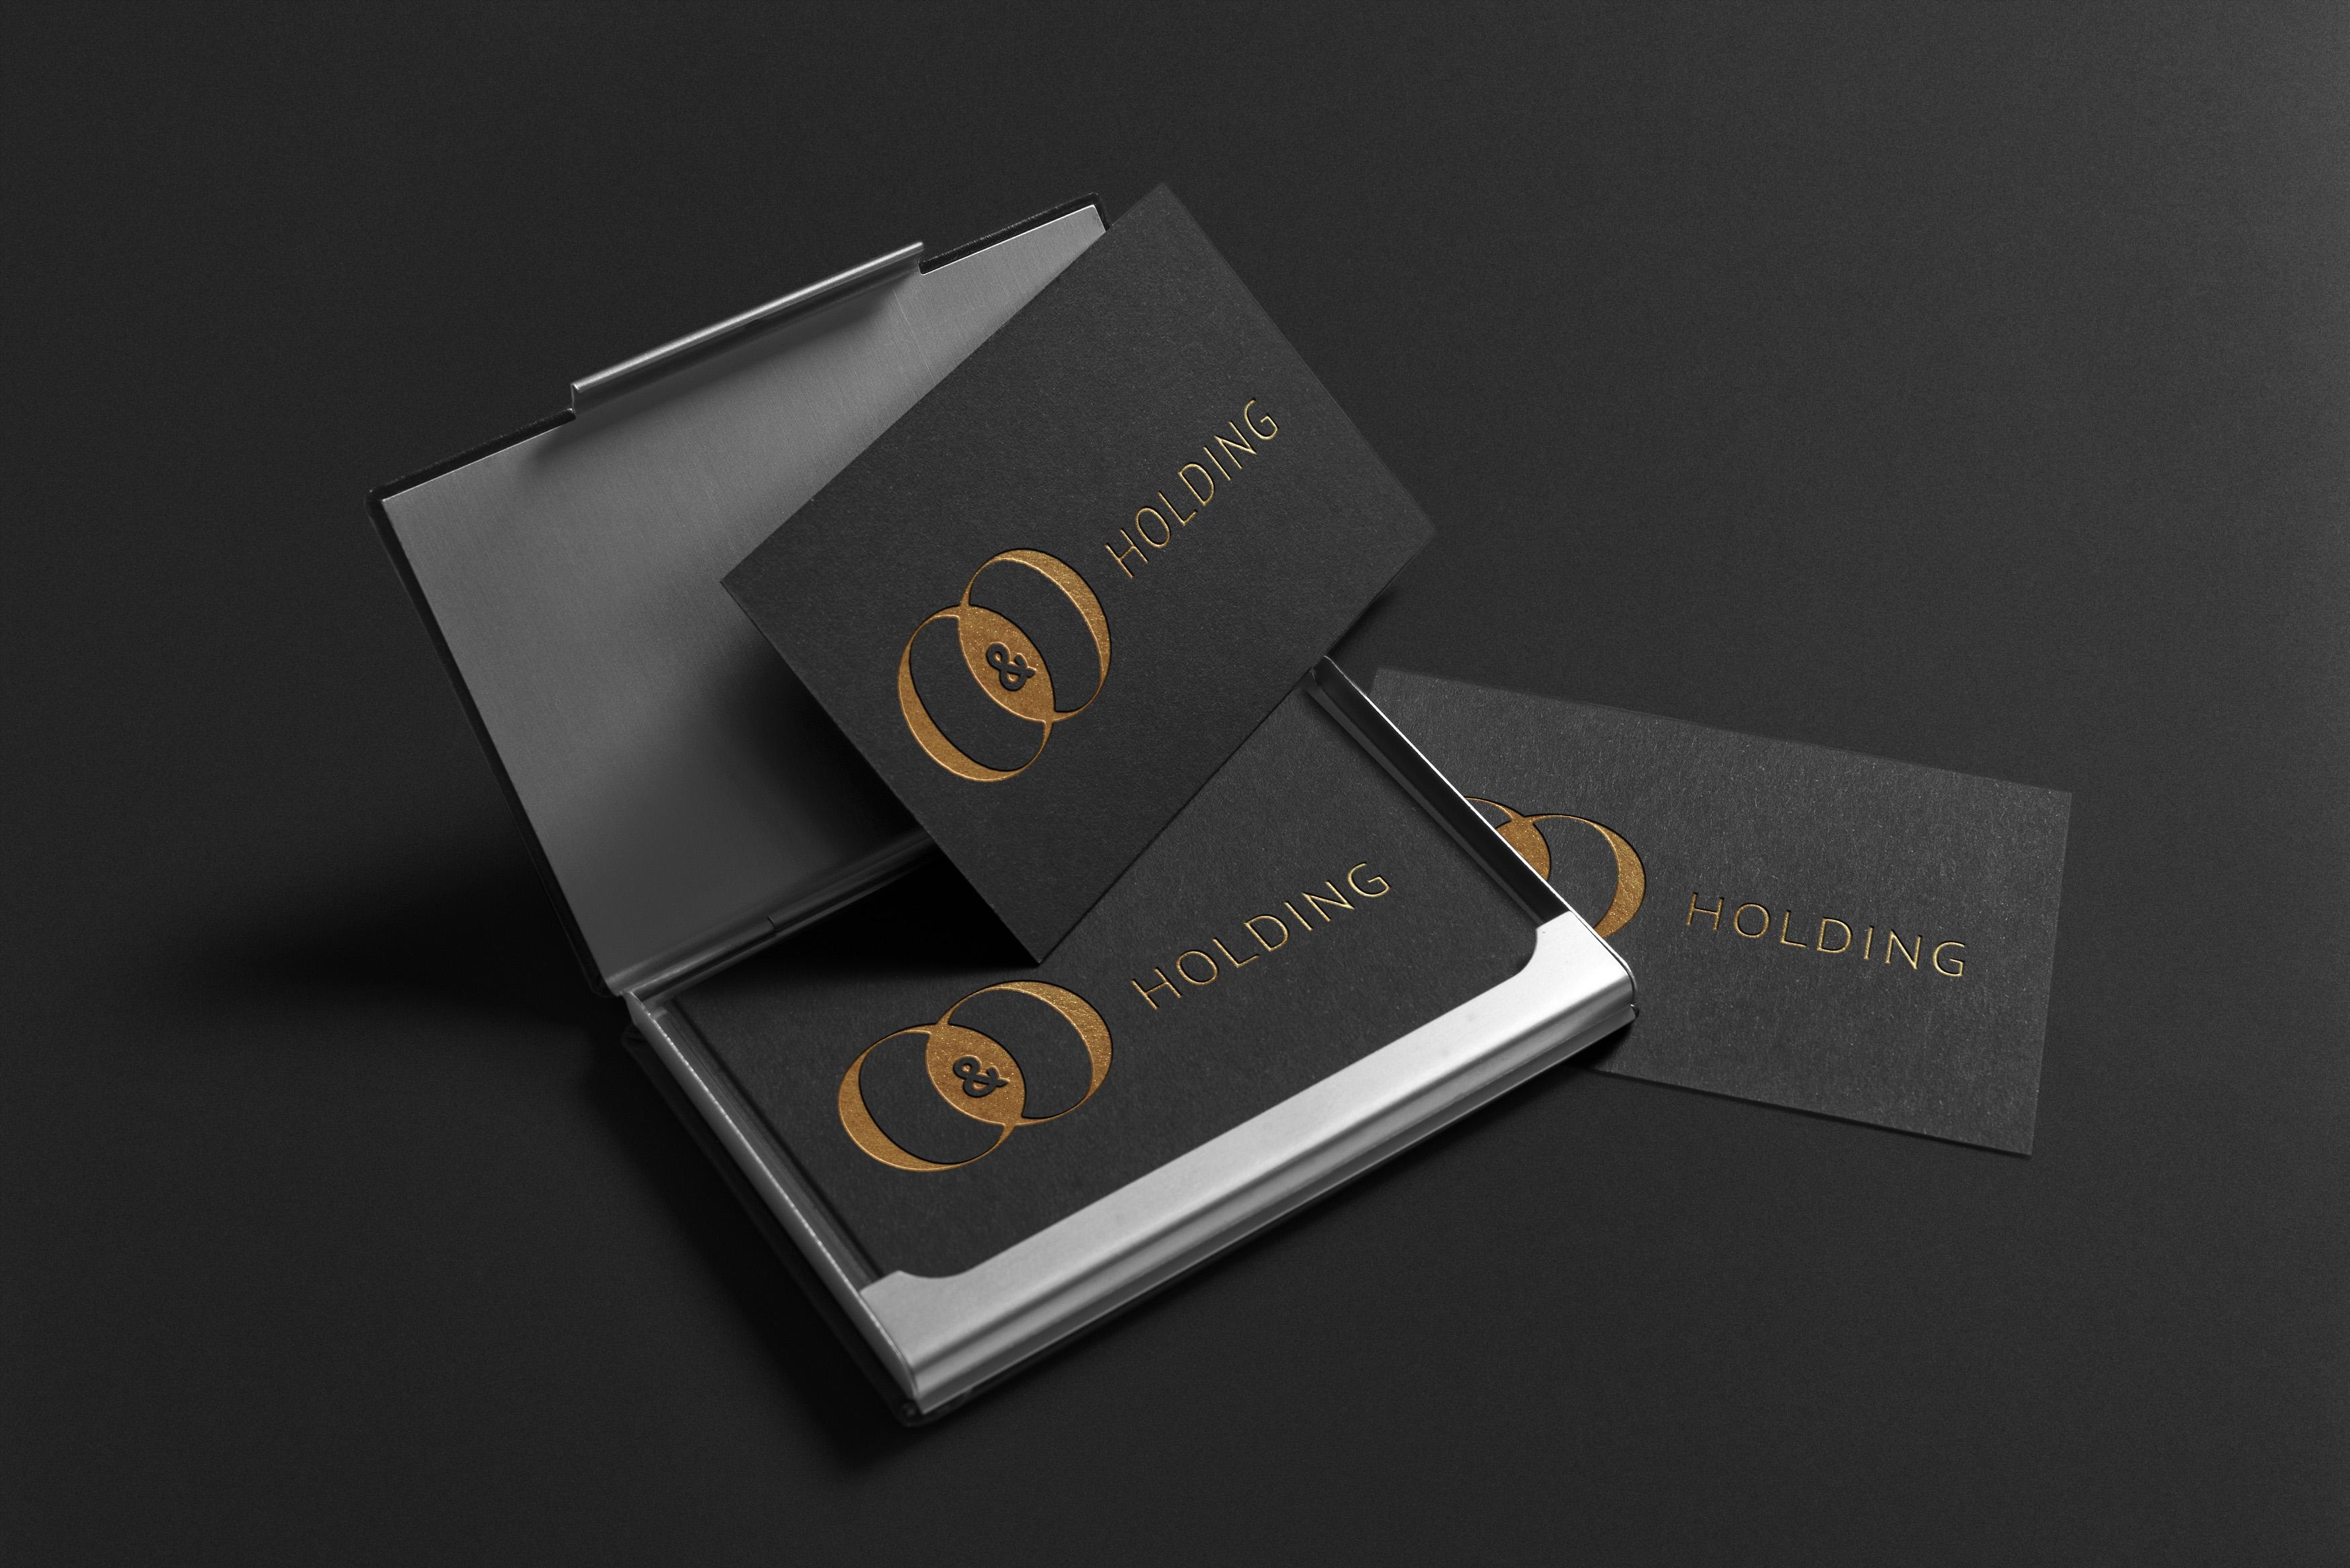 """Разработка Логотипа +  Фирменного знака для компании """"O & O HOLDING"""" фото f_3335c7d7e0f2737a.jpg"""